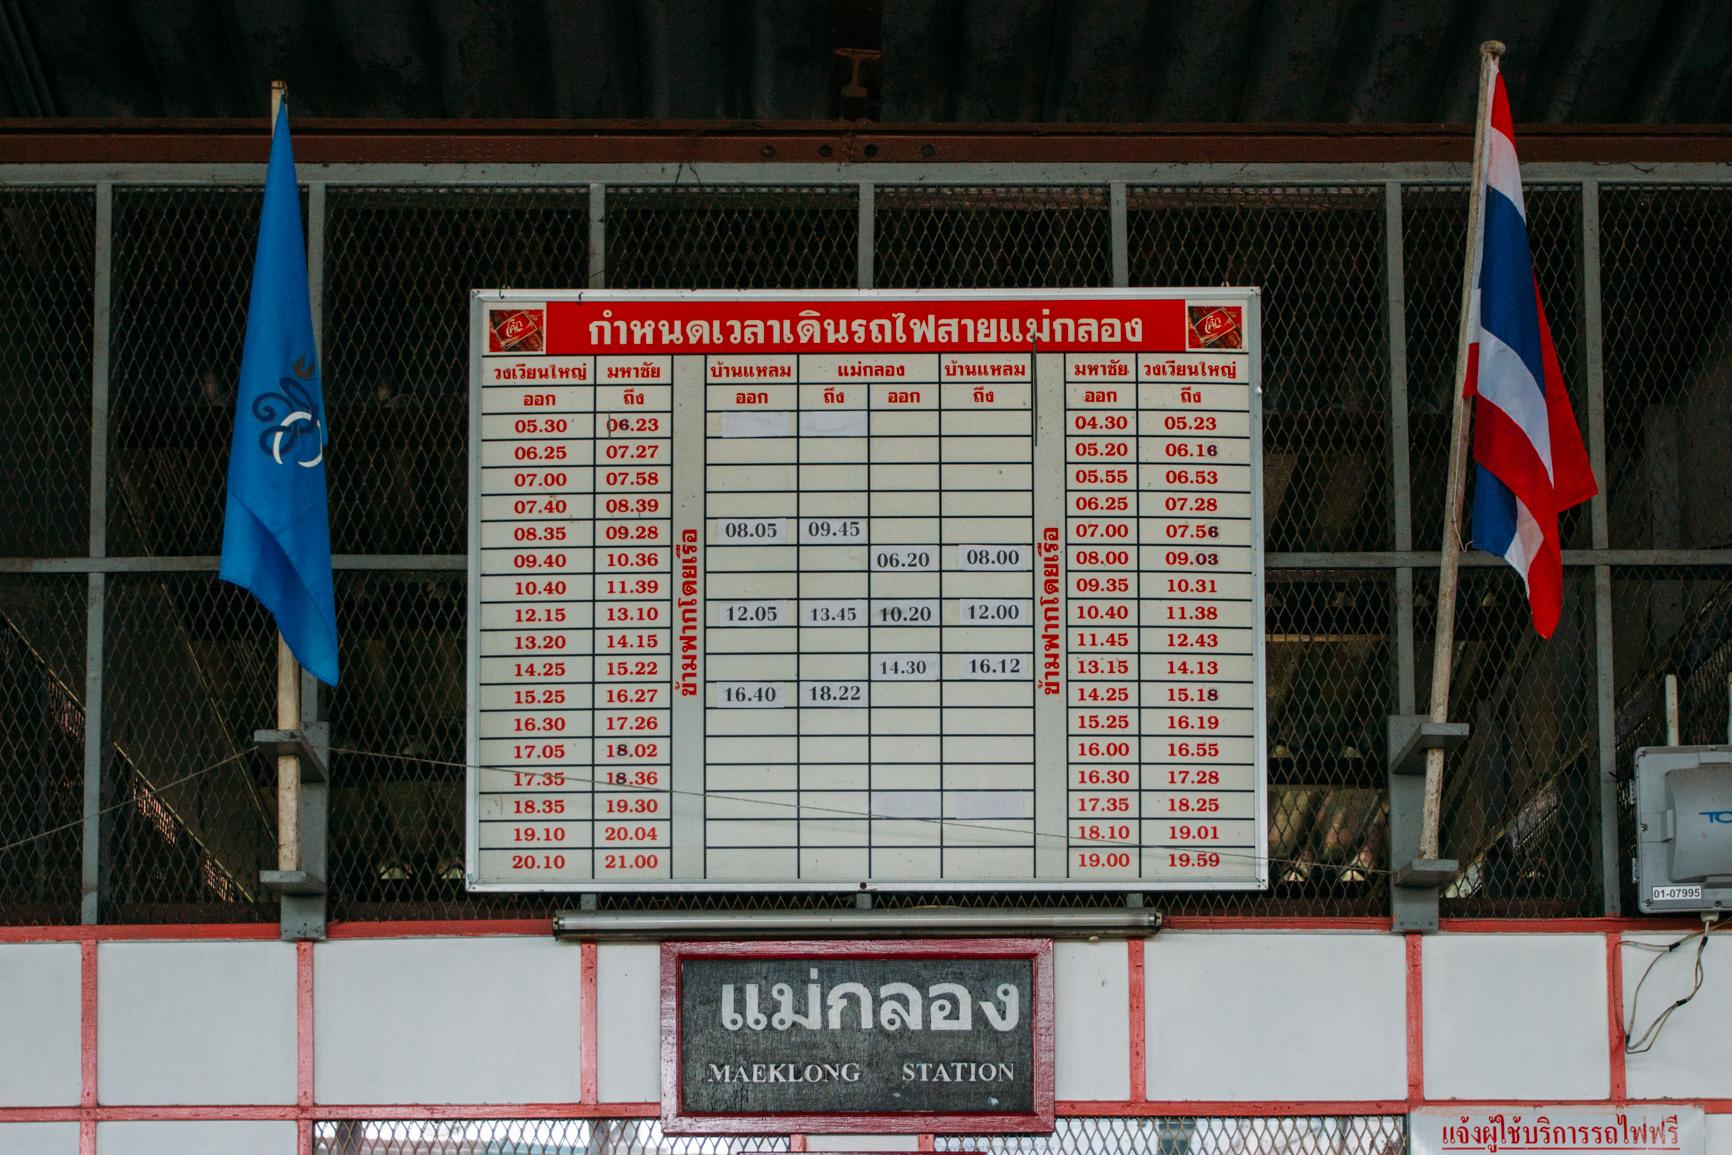 Tabela de horários